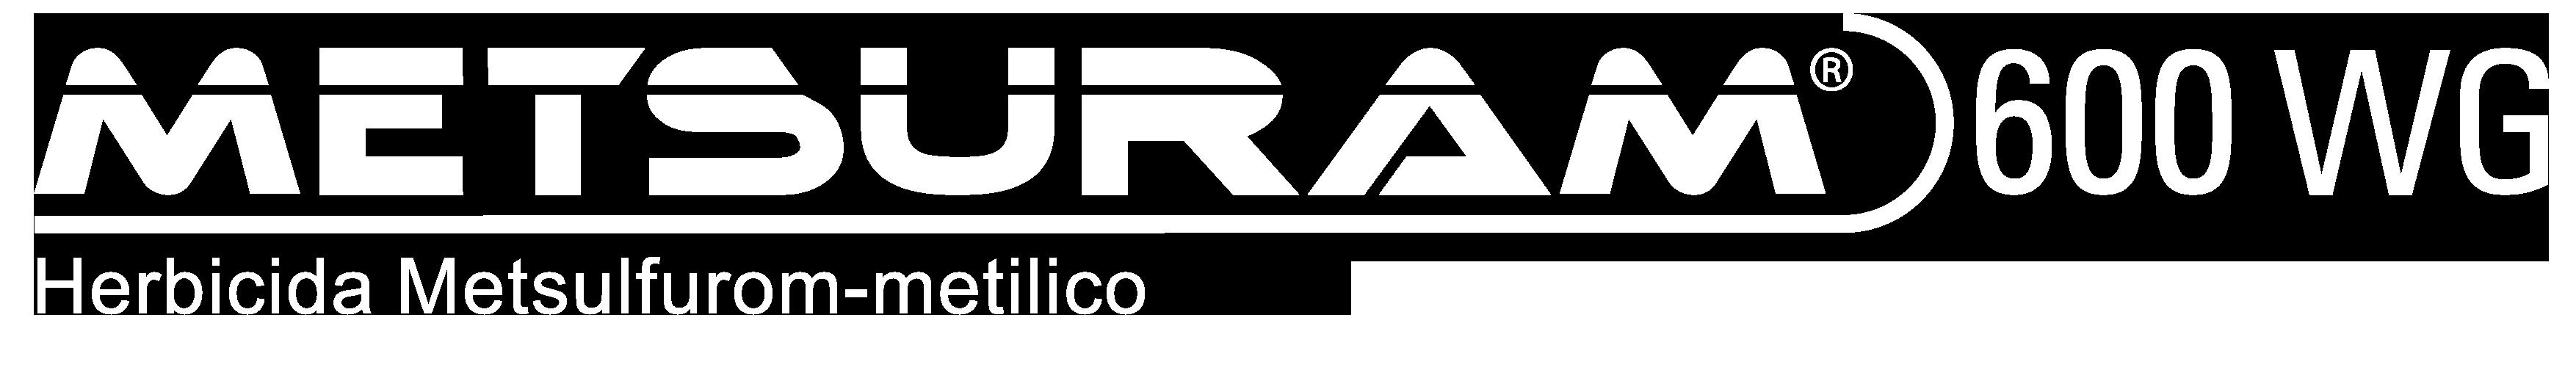 RTM_Brazil_ProductLogo_White_Metsuram_600_WG